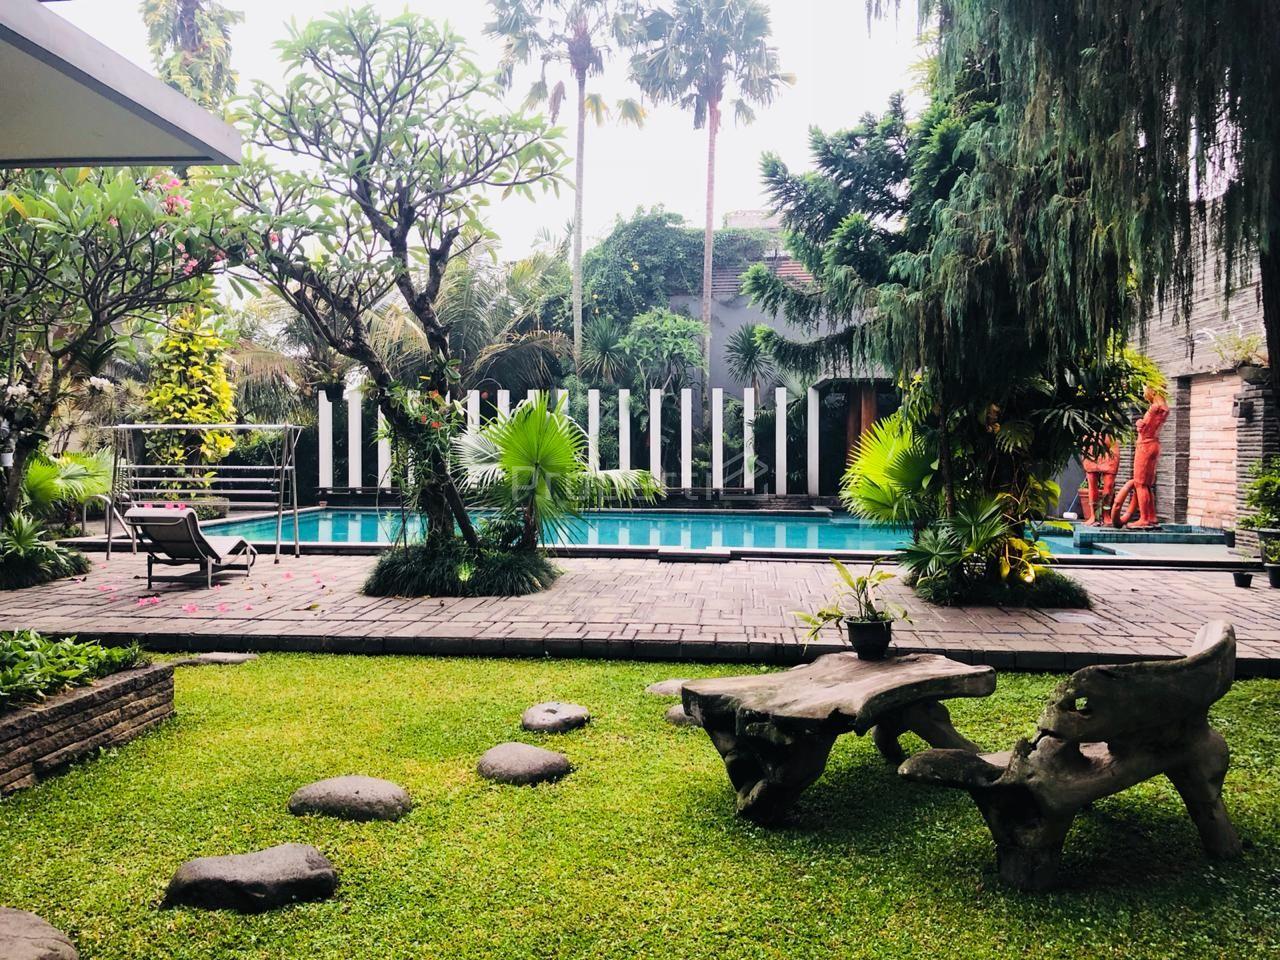 Resor Mewah di Setiabudi, Kota Bandung, Jawa Barat